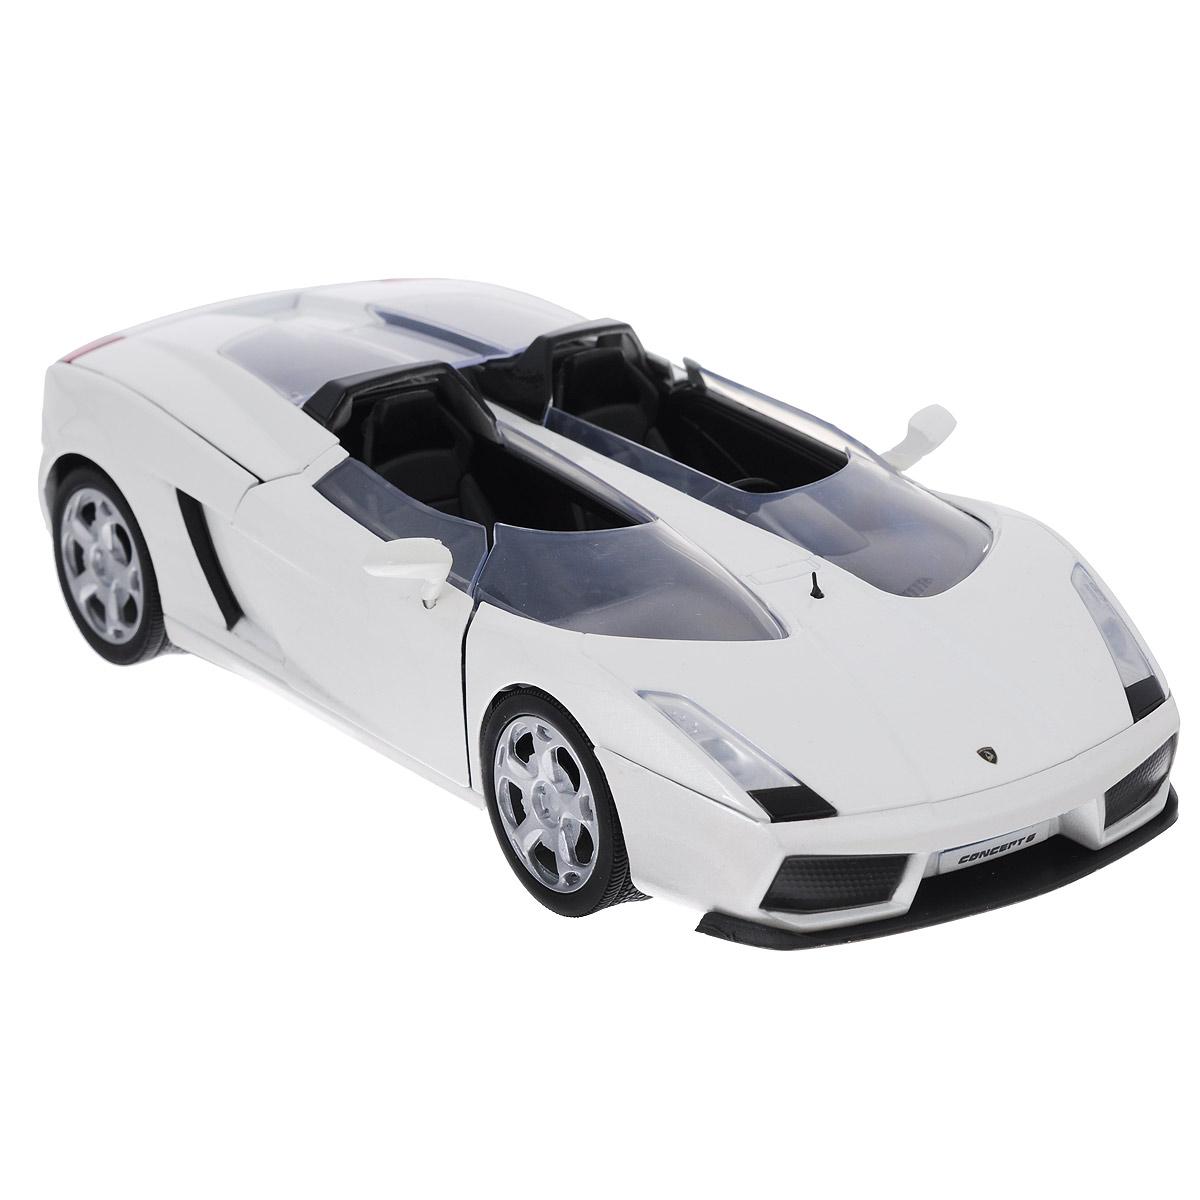 MotorMax Модель автомобиля Lamborghini Concept S73365Коллекционная модель автомобиля MotorMax Lamborghini Concept S для тех, кто любит роскошь и высокие скорости. Эта необыкновенная машина, будто бы явившаяся из фантастических фильмов, была создана итальянским автоконцерном на базе знаменитого Lamborghini Gallardo. Концепт-кар Lamborghini Concept S – совокупность по-настоящему необыкновенных решений. Чего стоит только полный отказ от лобового стекла! Вместо него у суперавто – два щитка, регулирующие поток воздуха таким образом, чтобы он оказывался поверх голов водителя и пассажира. Эти и другие особенности концепт-кара с высочайшей точностью воспроизведены в масштабной модели от MOTORMAX. Вы можете открыть двери, багажник, капот, рассмотреть все интересующее вас детали в подробностях, оценив великолепное качество игрушки. Машинка будет долго служить своему хозяину благодаря прочному цельнометаллическому корпусу, отлитому по технологии die cast. Кроме металла, в отделке использованы пластик для многих элементов...